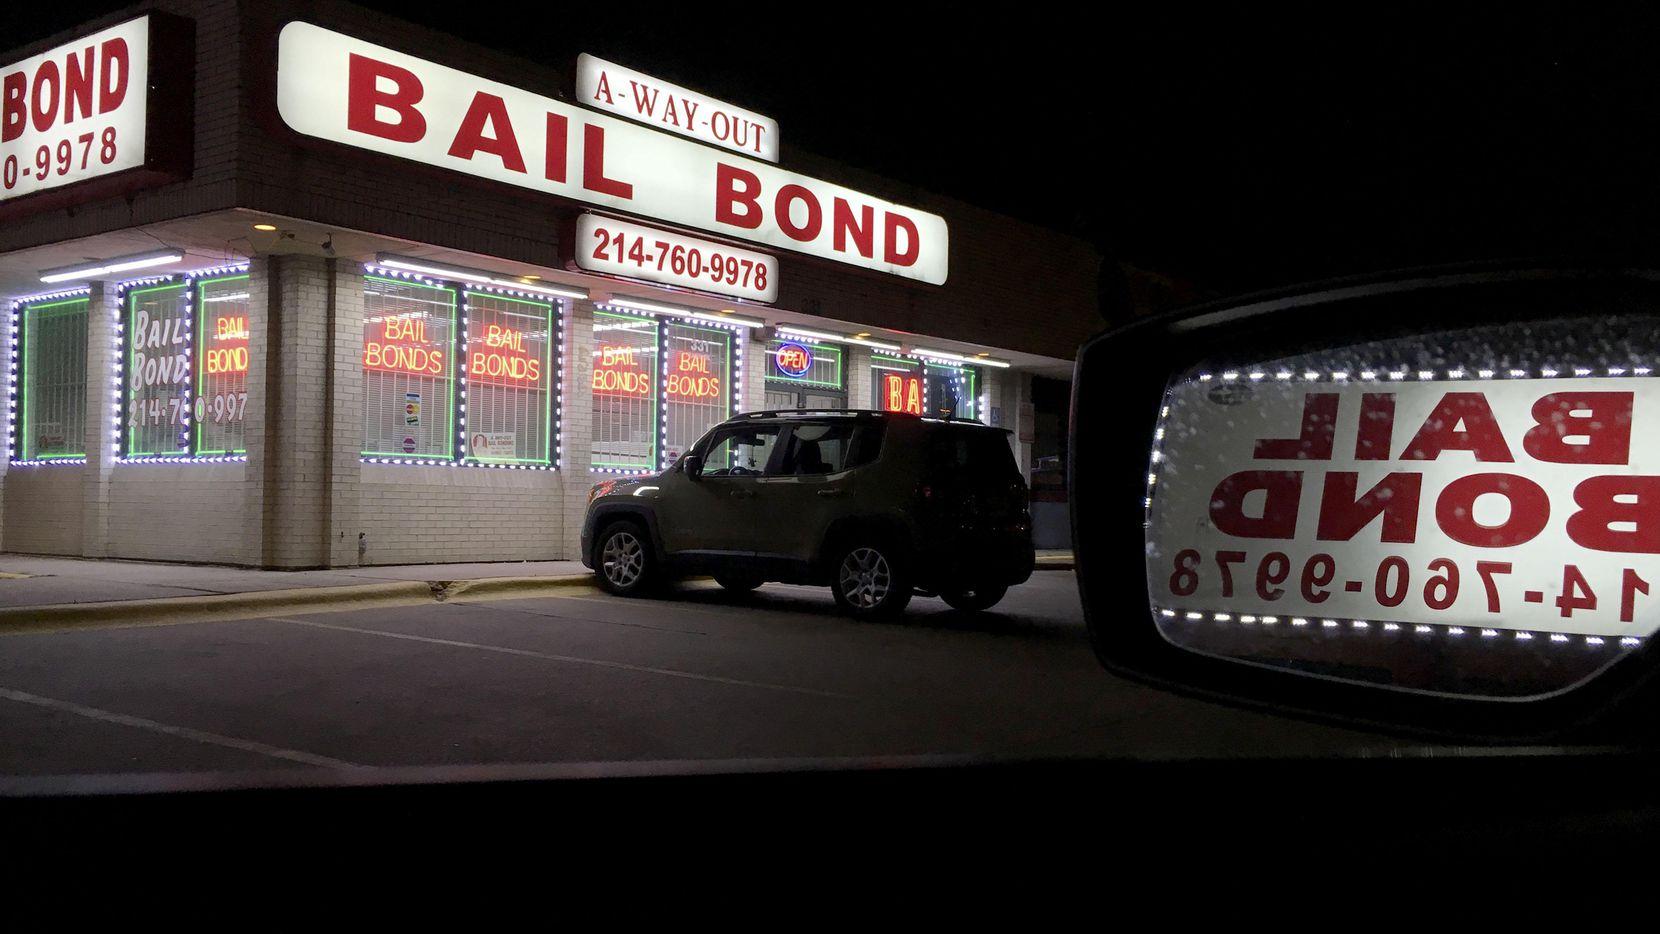 El sistema de fianzas en Dallas perjudica a los pobres que no pueden pagarlas según alega una demanda de inconstitucionalidad contra el condado y el sheriff. (DMN/MICHAEL HAMTIL)